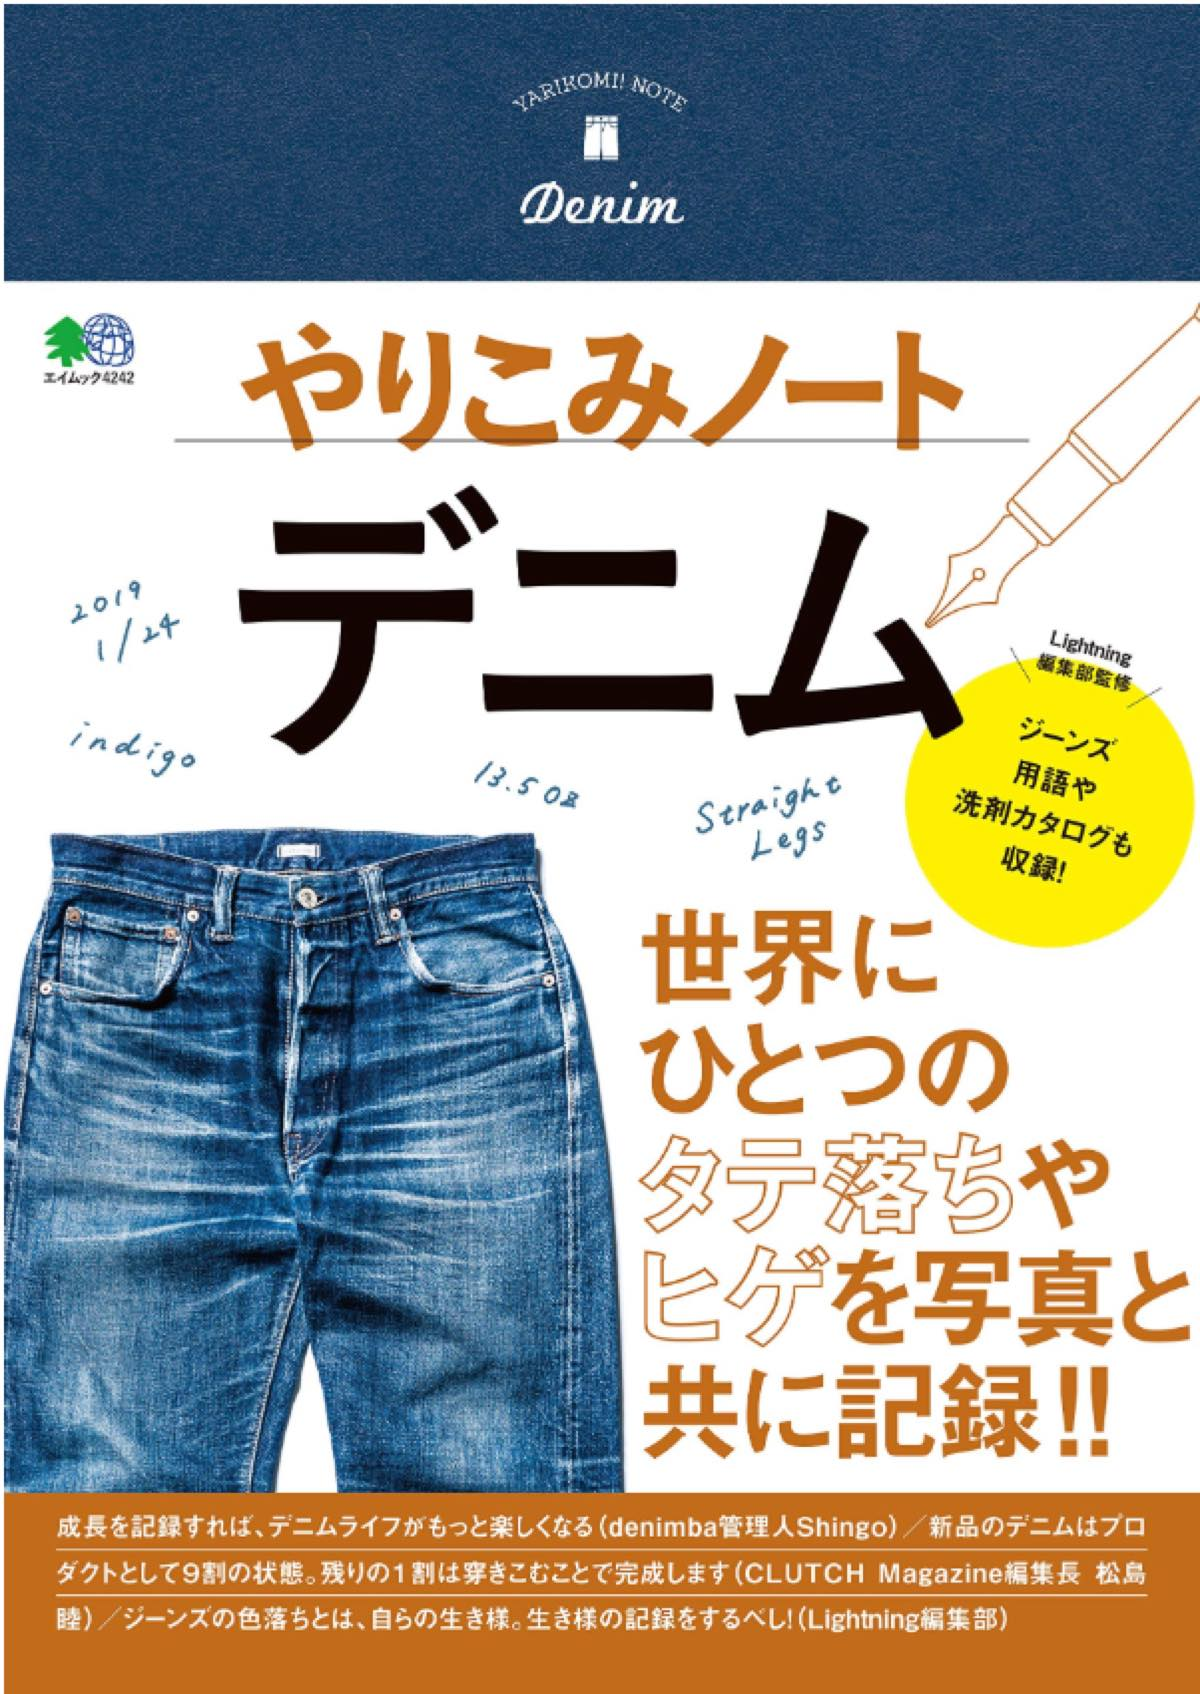 やりこみノートデニム(エイ出版/別冊ライトニング)